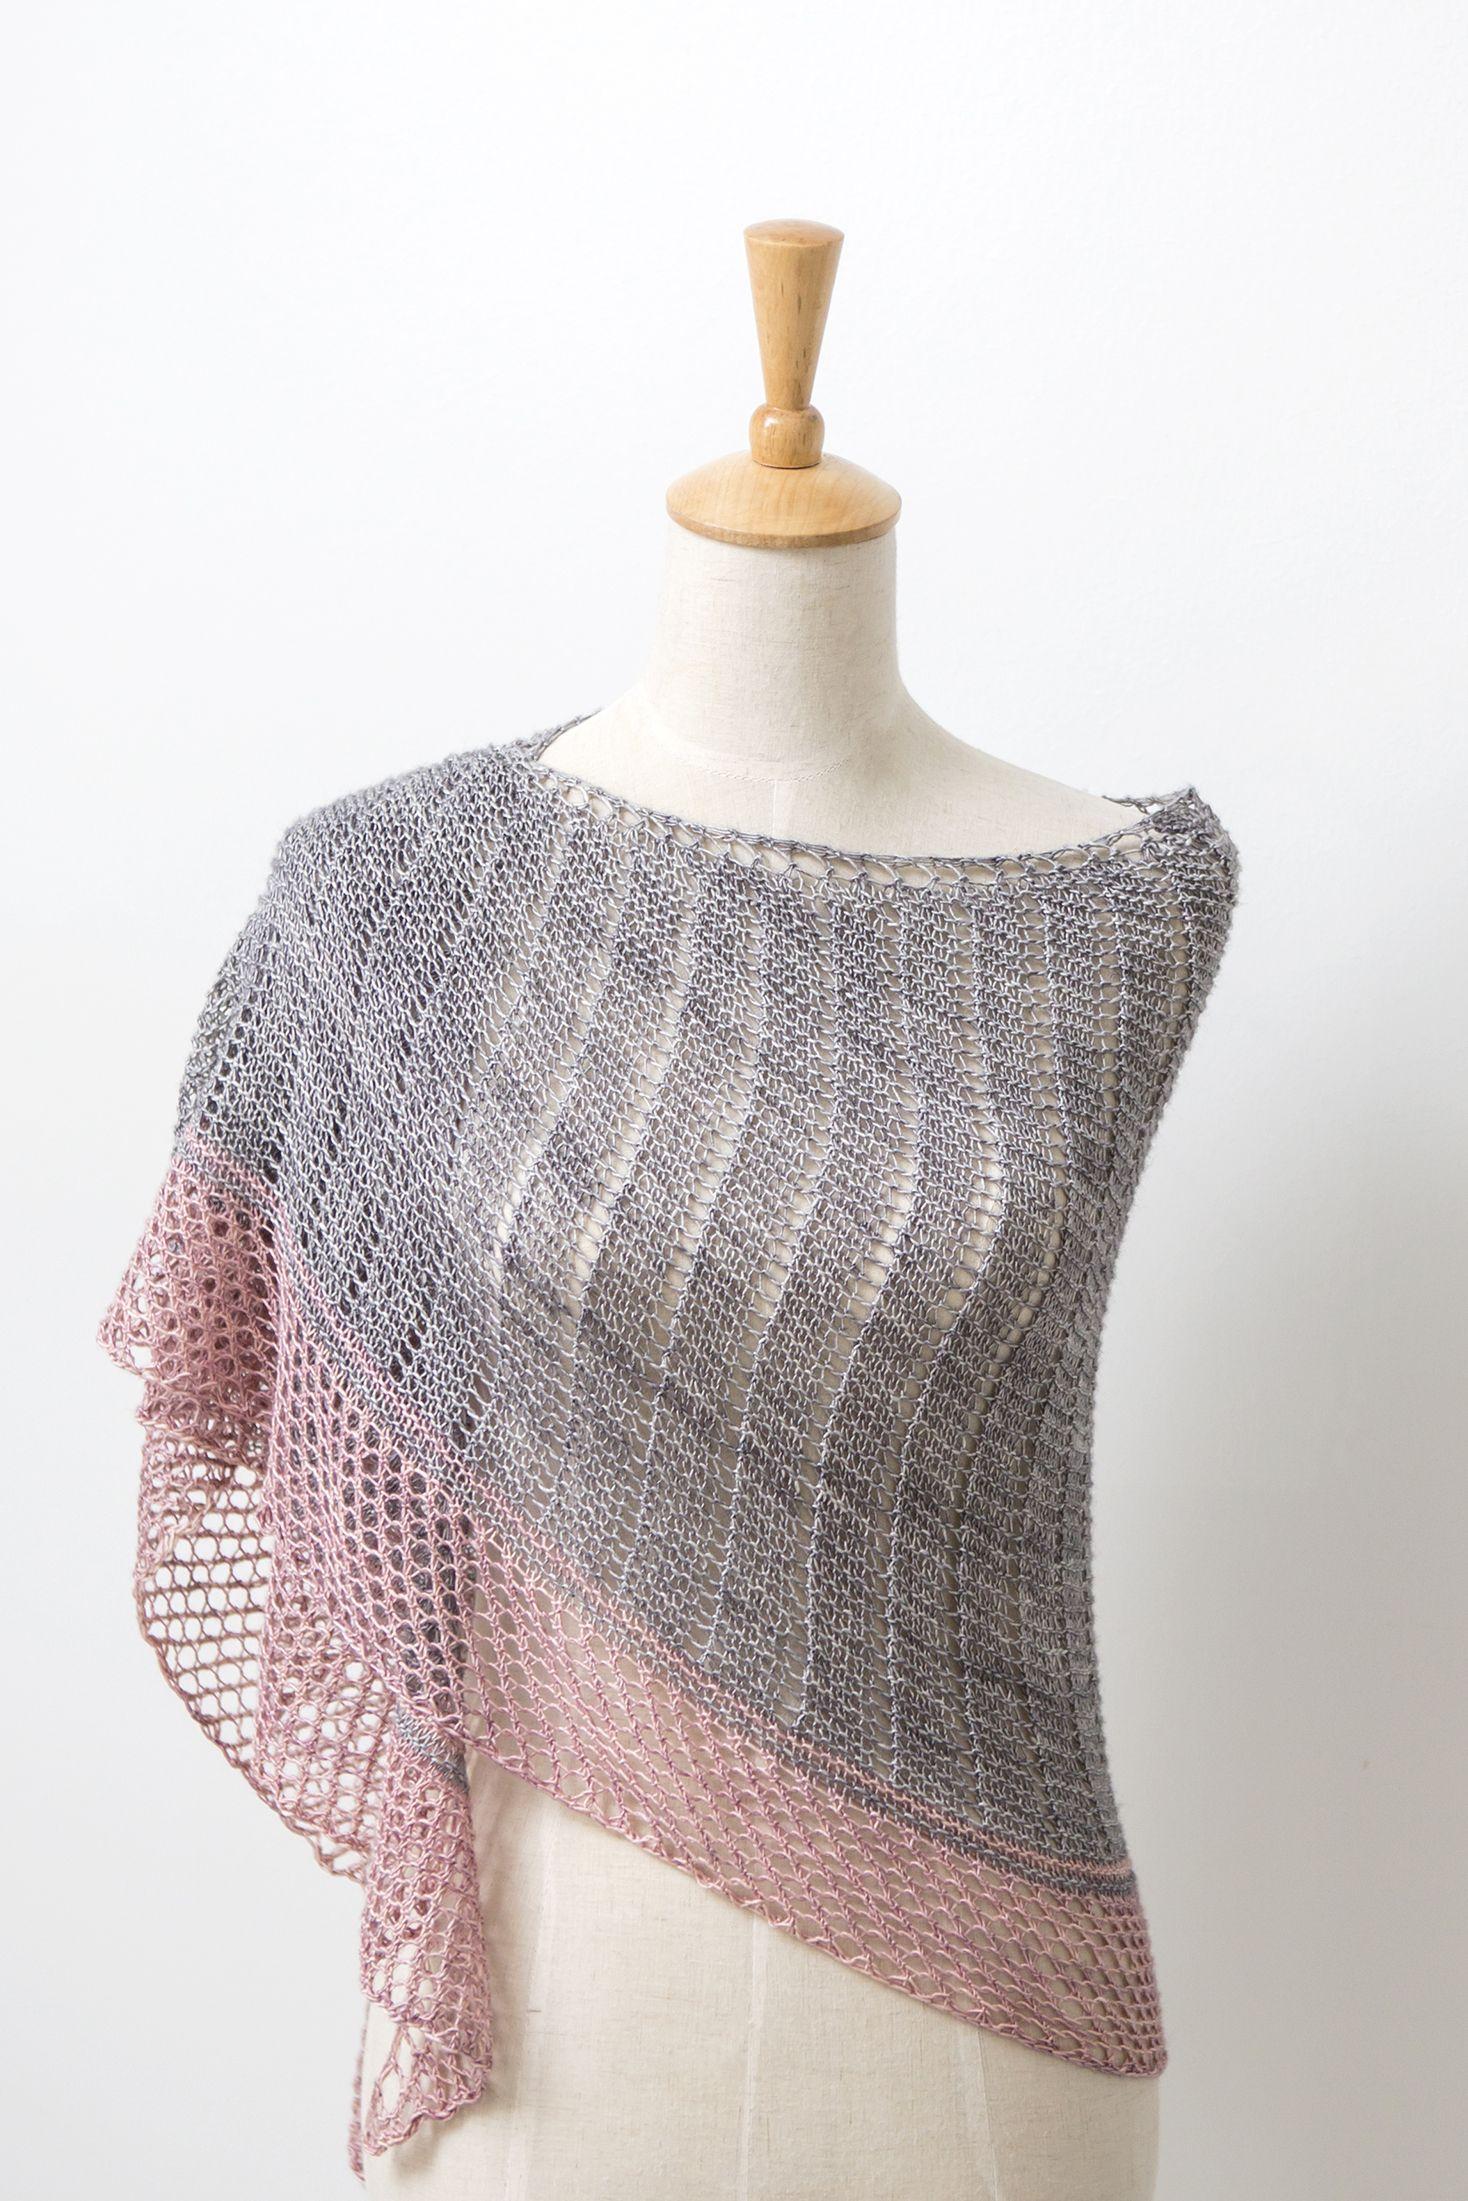 Lighthouse pattern by janina kallio knit patterns shawl and ravelry lighthouse pattern by janina kallio bankloansurffo Gallery